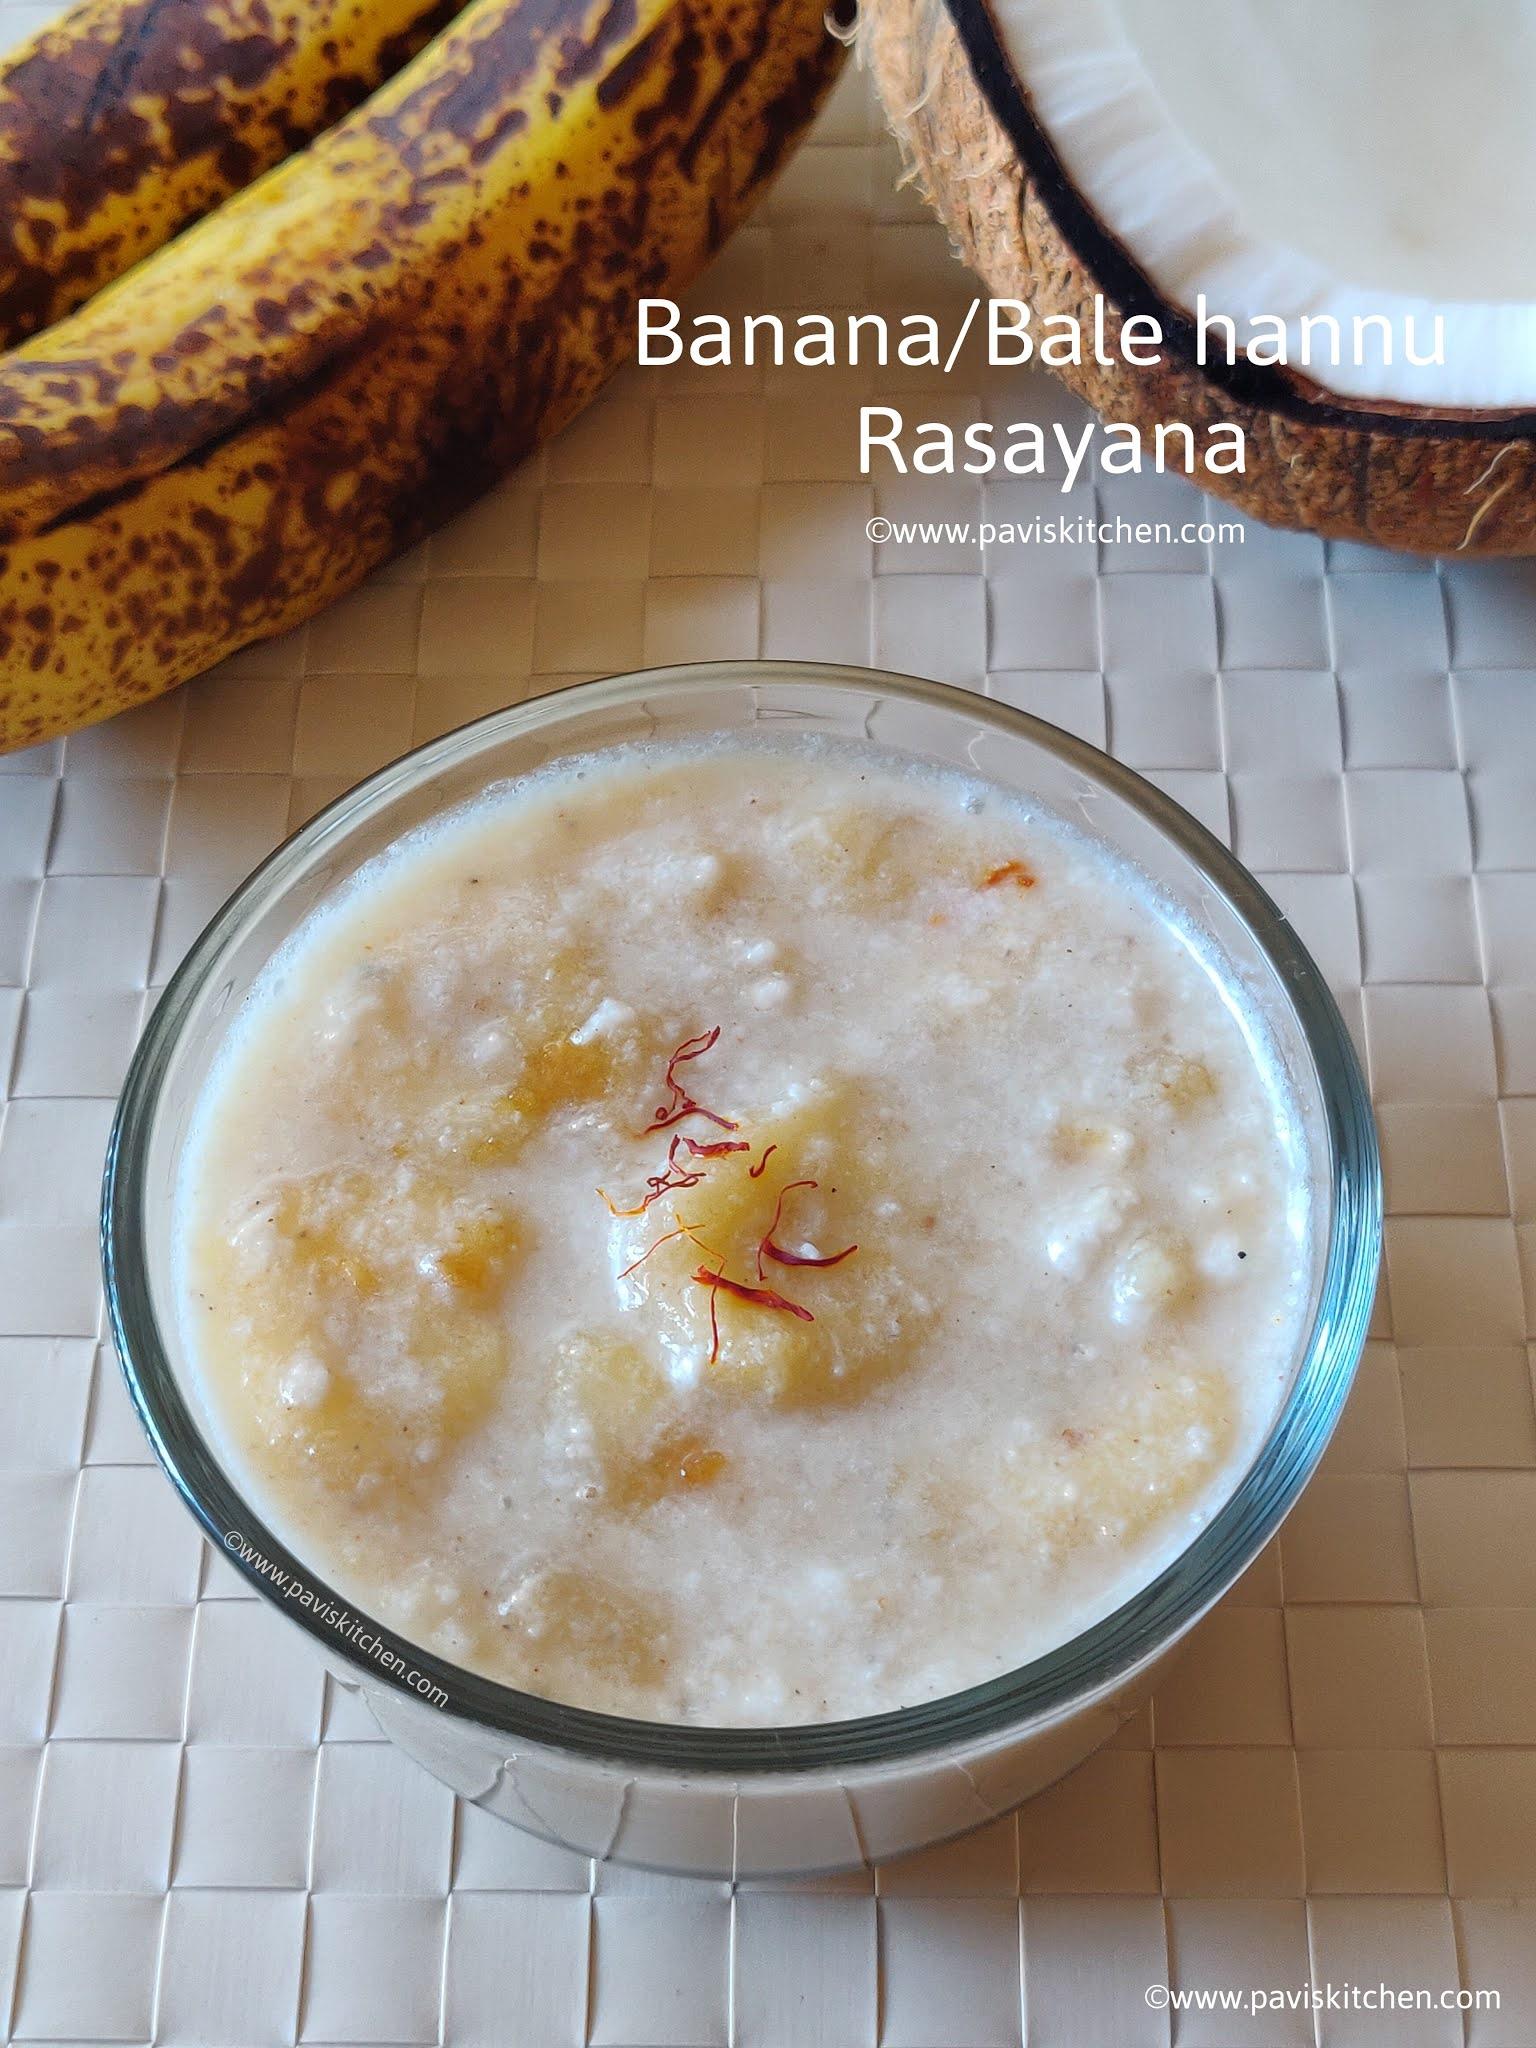 Banana (balehannu) rasayana recipe | Balehannu payasa | Banana kheer | balehannina seehikarane